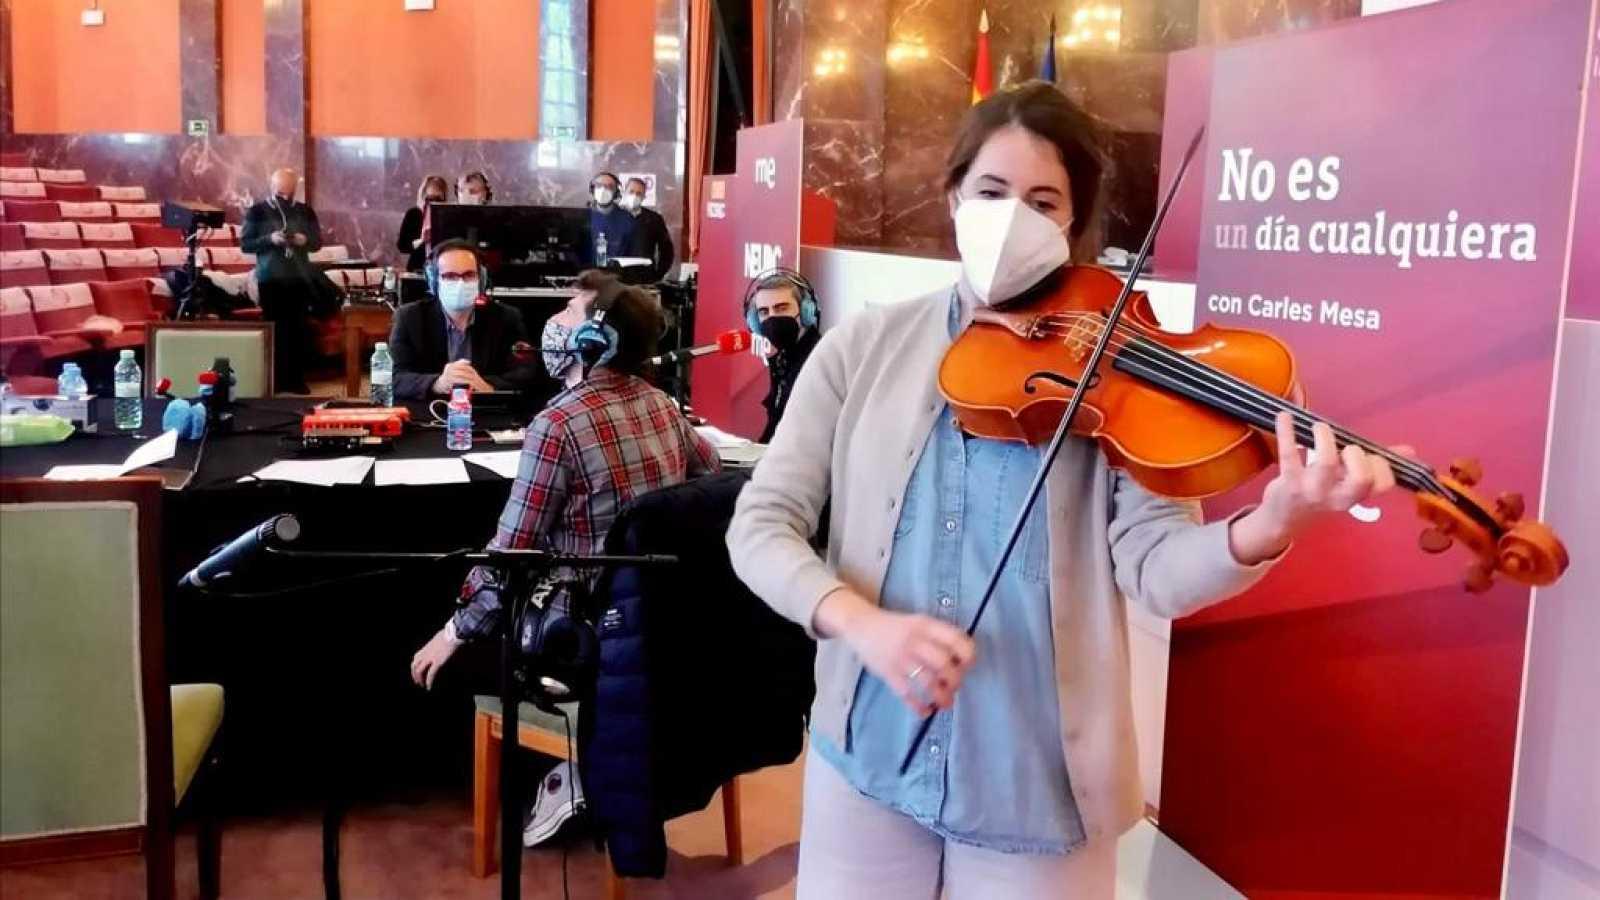 No es un día cualquiera - El poder curativo de la música - Andrés Salado - La platea - 14/03/2022 - Escuchar ahora